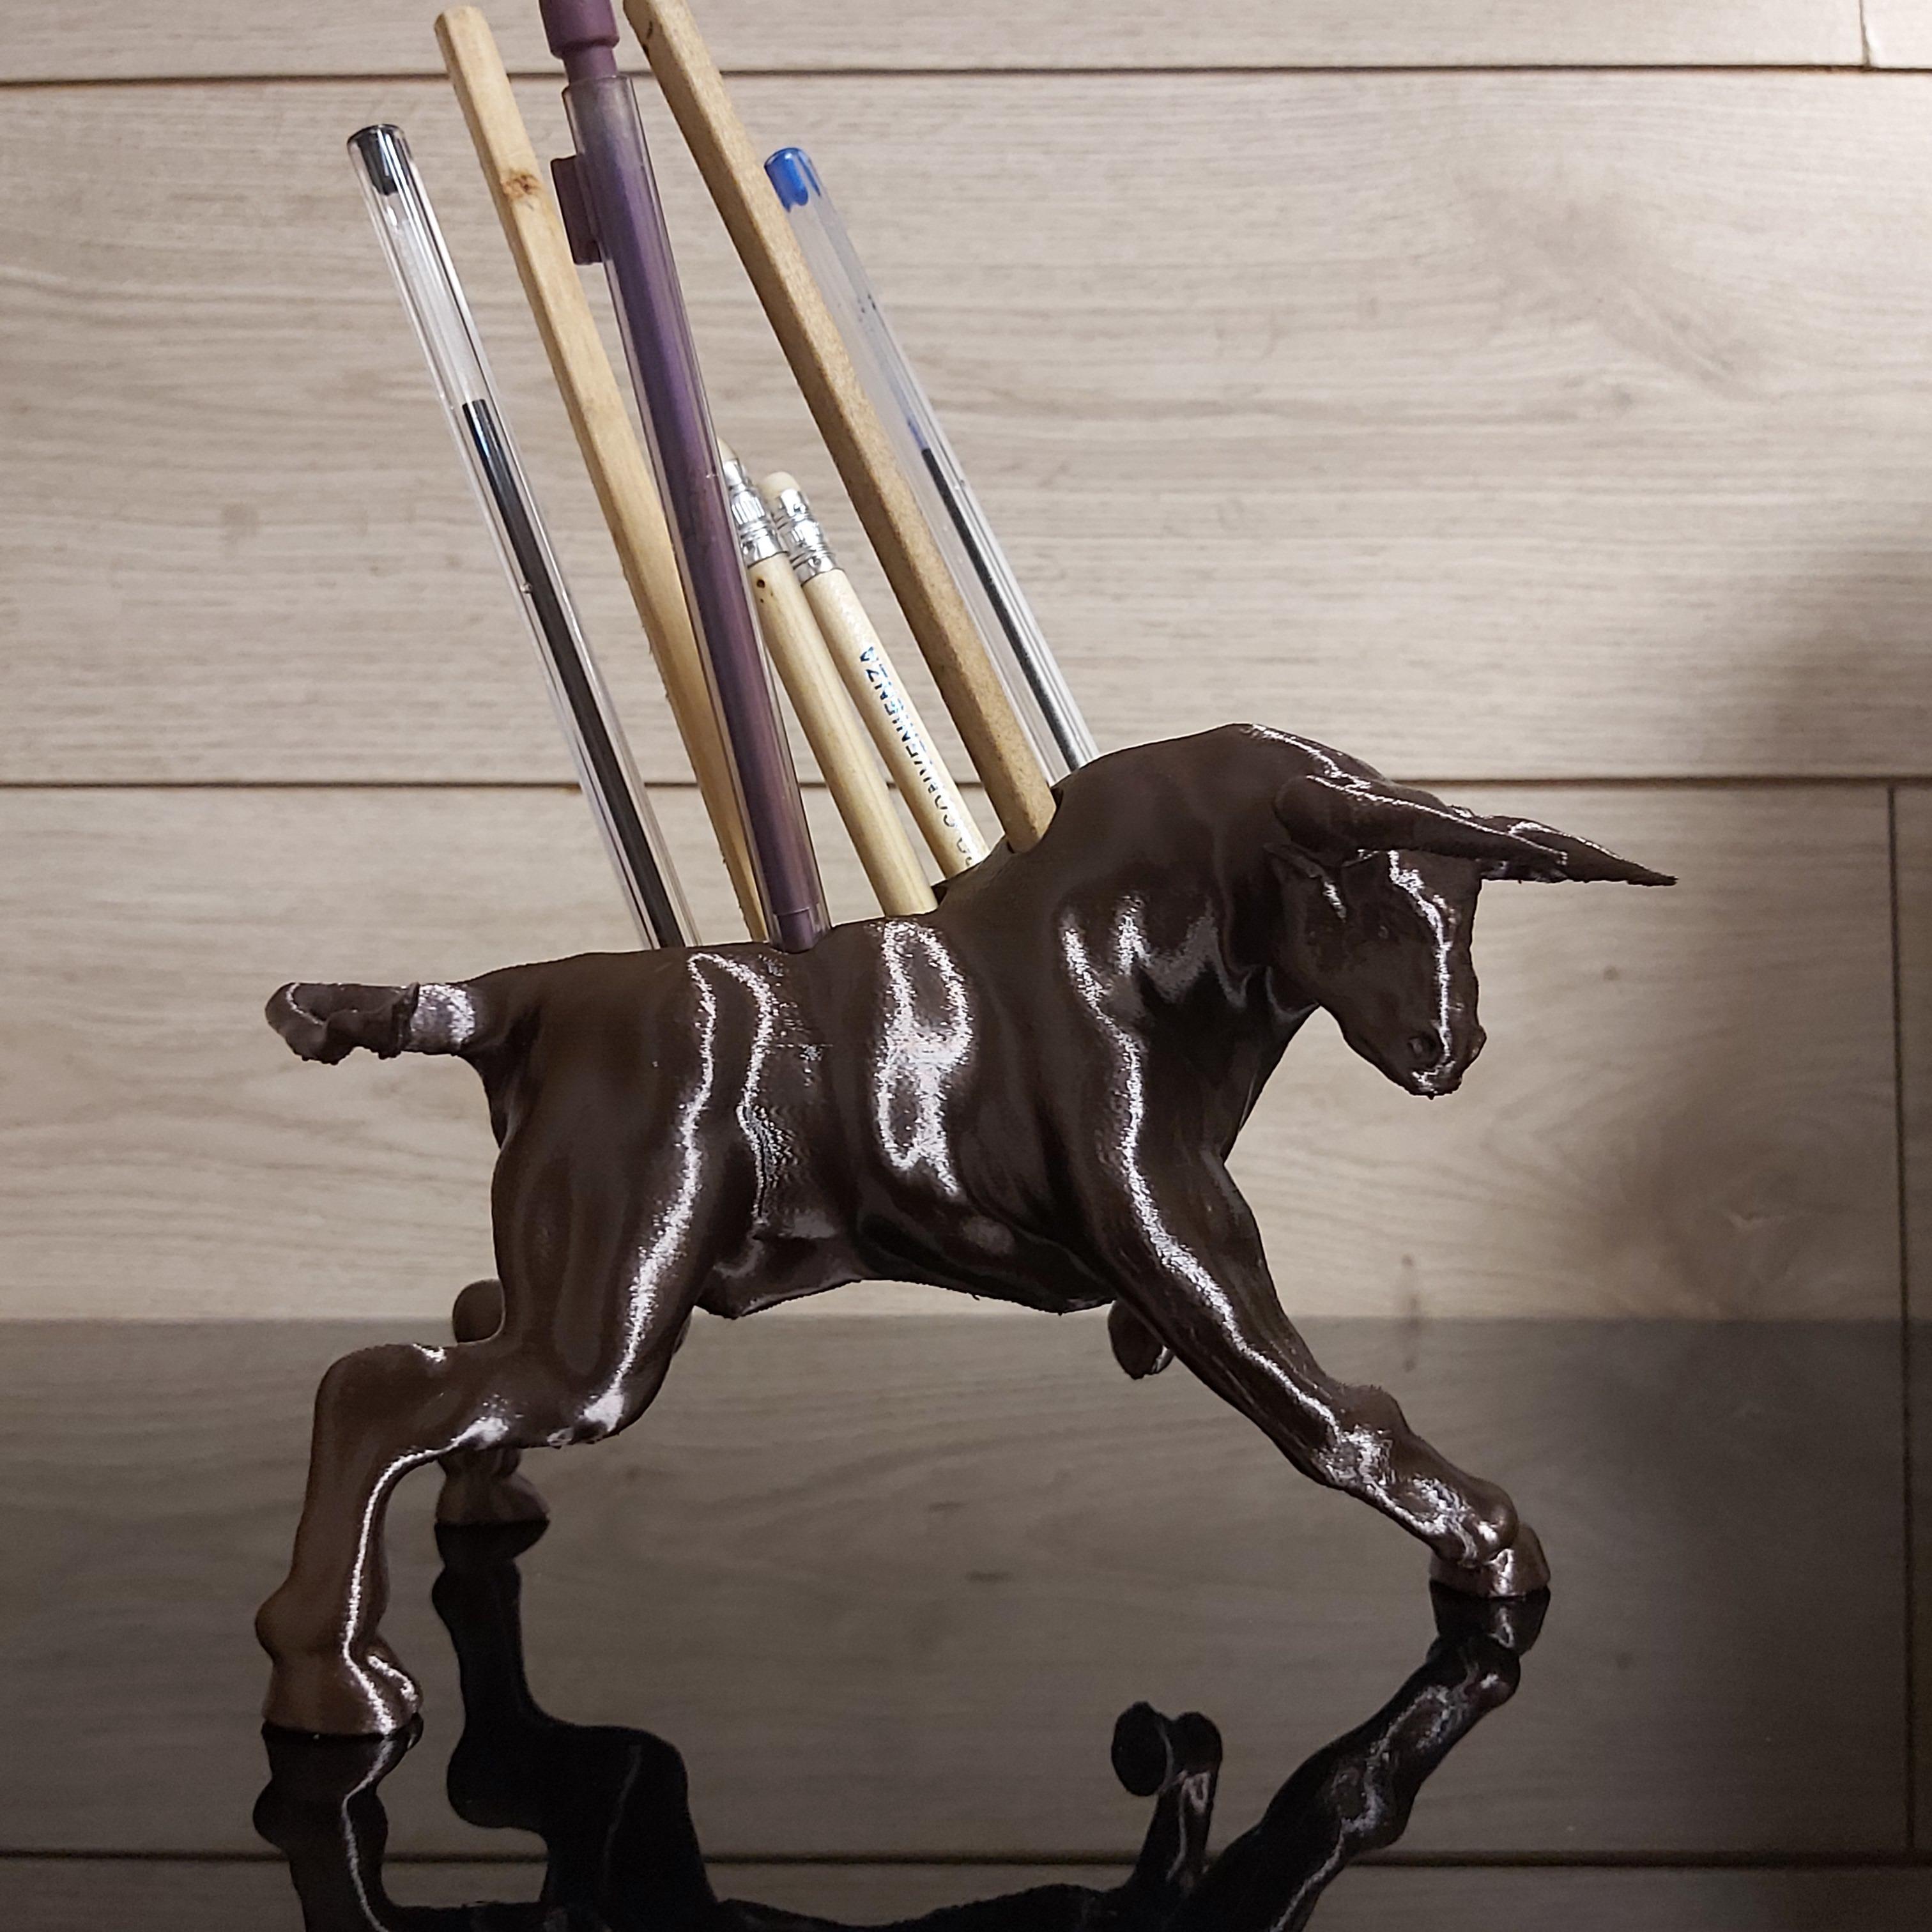 Download STL file Angry bull sculpture • 3D printing design, avvsirica